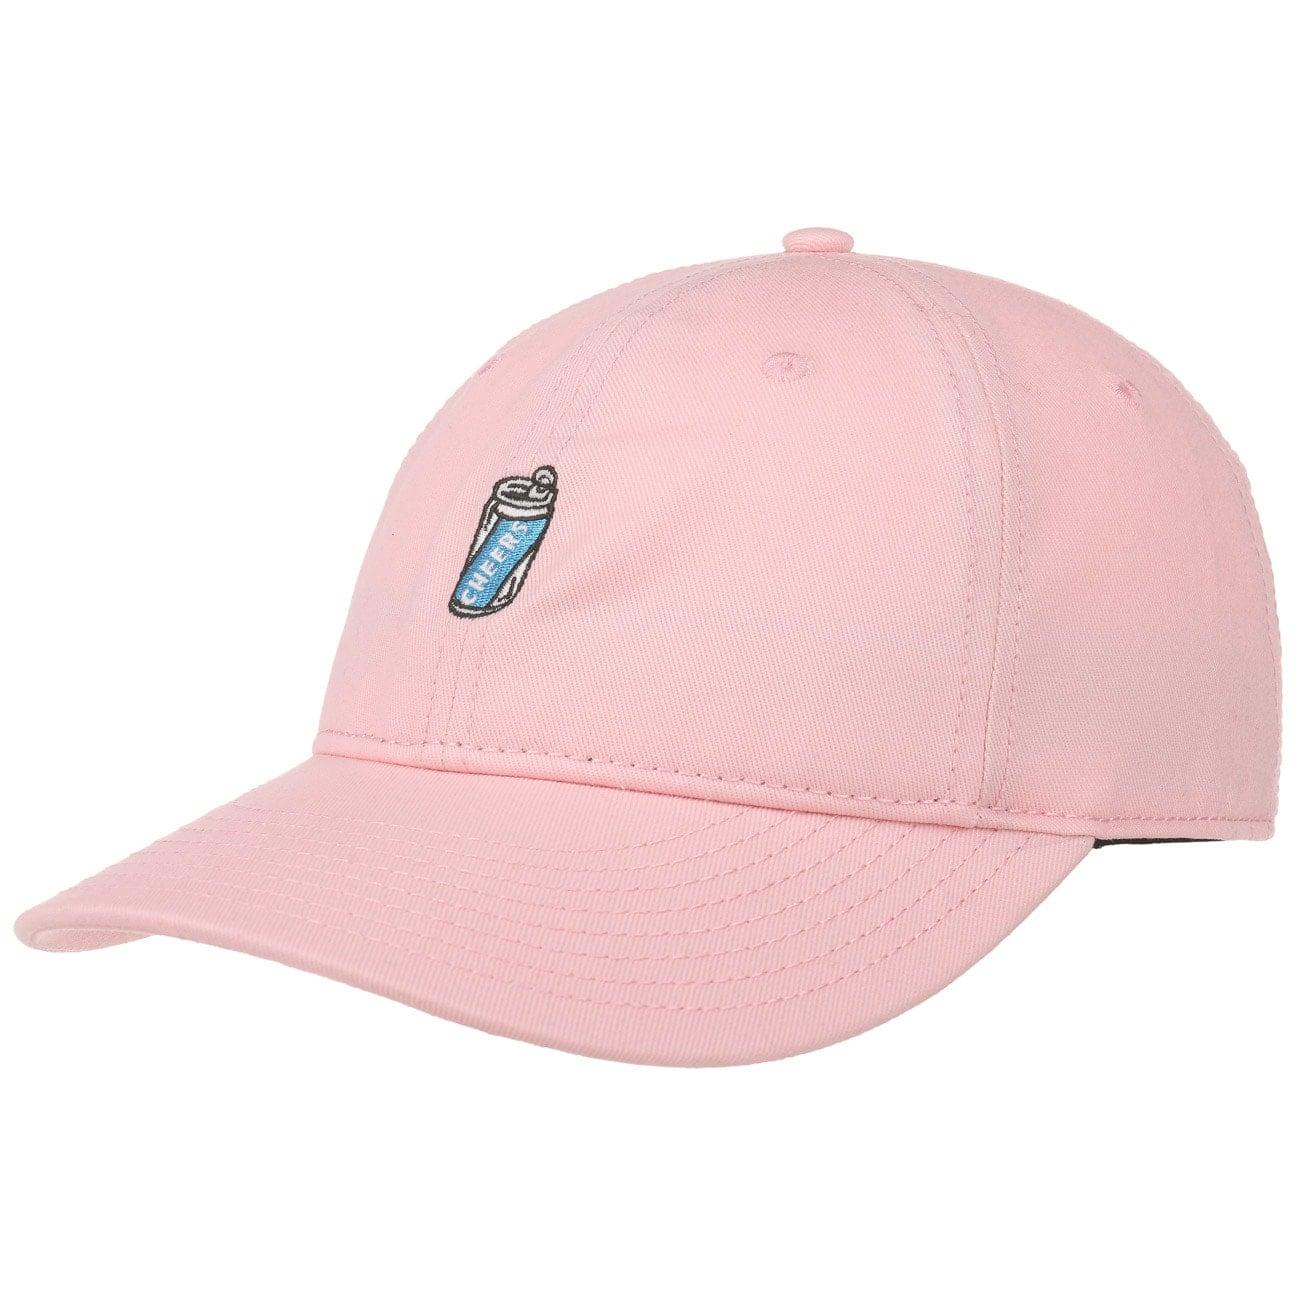 Gorra Can Dad Hat Strapback by WEMOTO  gorra de algod?n